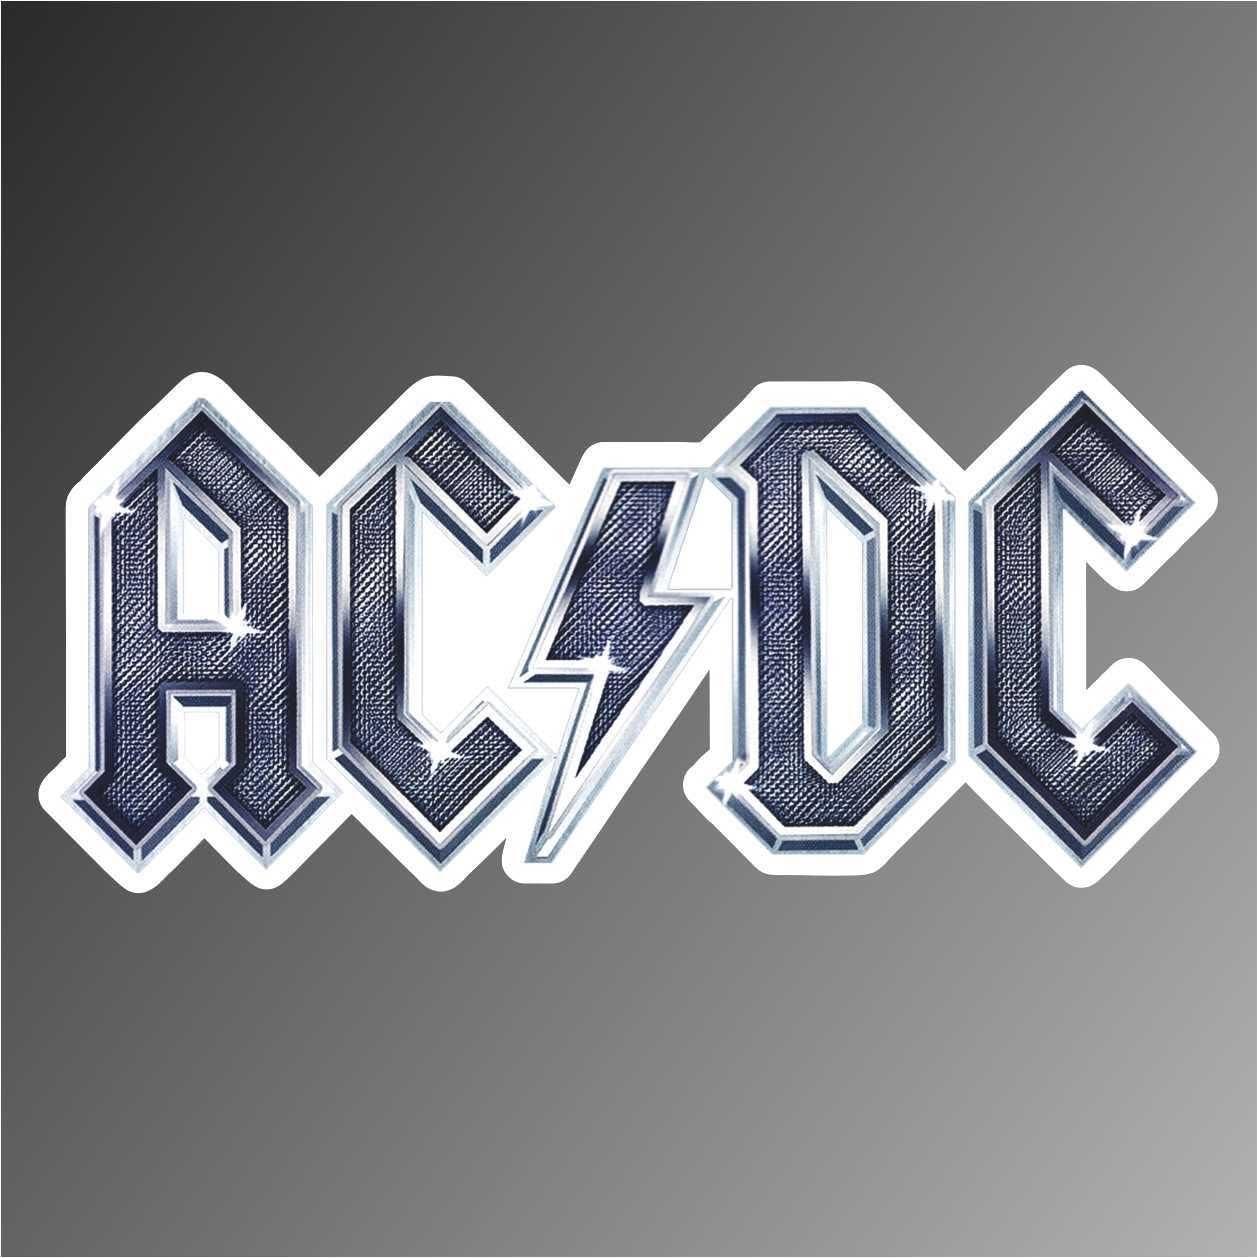 Graphic Lab Aufkleber Sticker Acdc Ac Dc Hip Hop Rap Jazz Hard Rock Metal Pop Funk Sticker Küche Haushalt